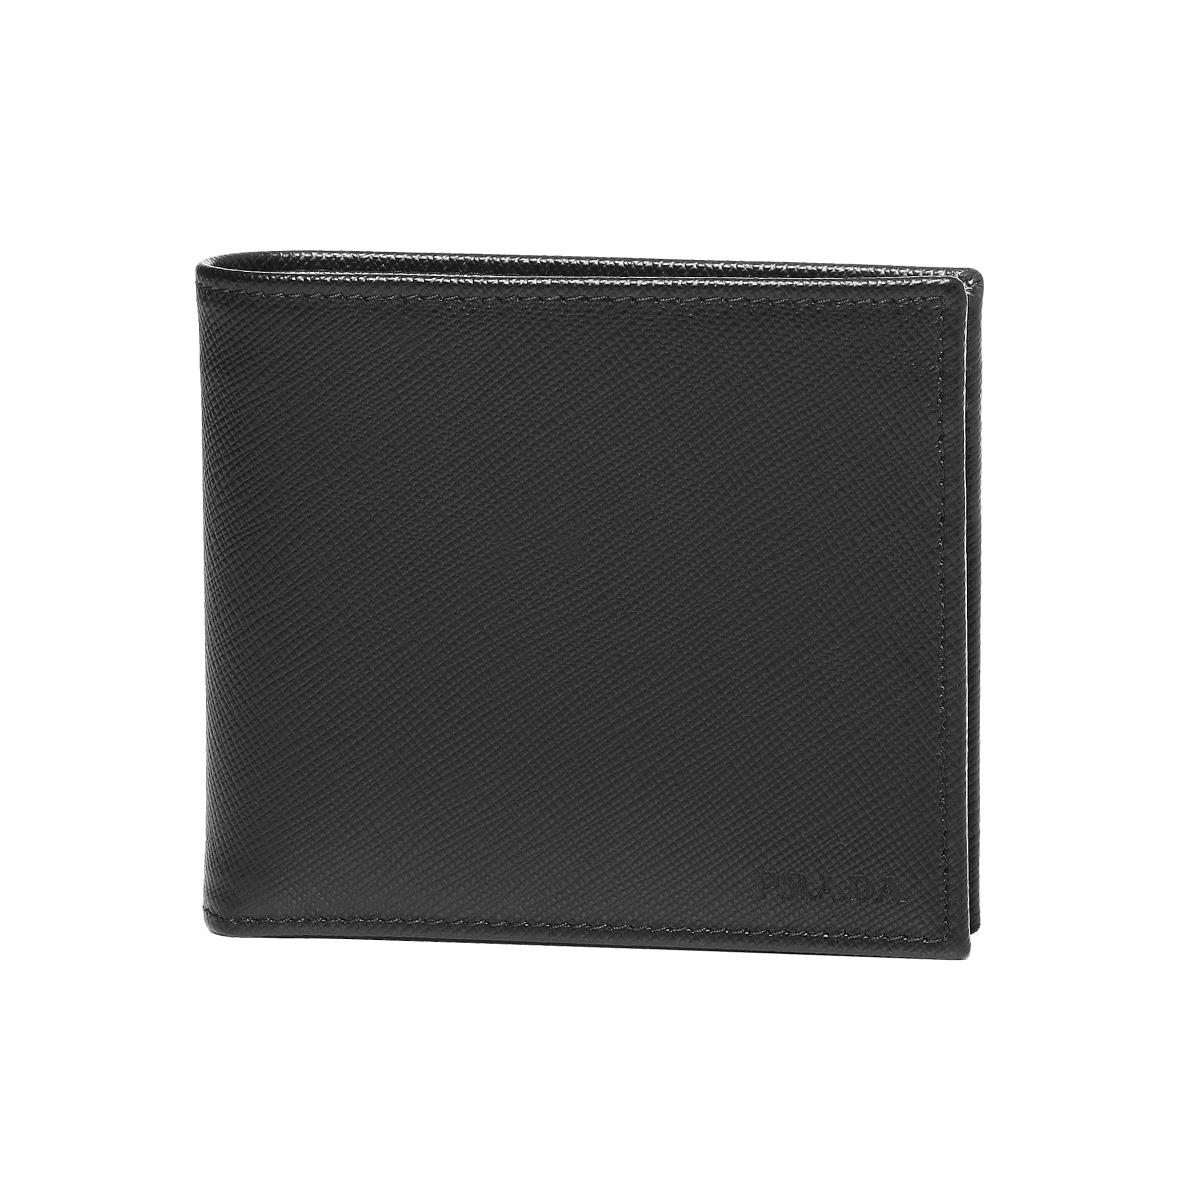 プラダ PRADA 財布 メンズ 2MO738 053 F0002 二つ折り財布 SAFFIANO NERO ブラック